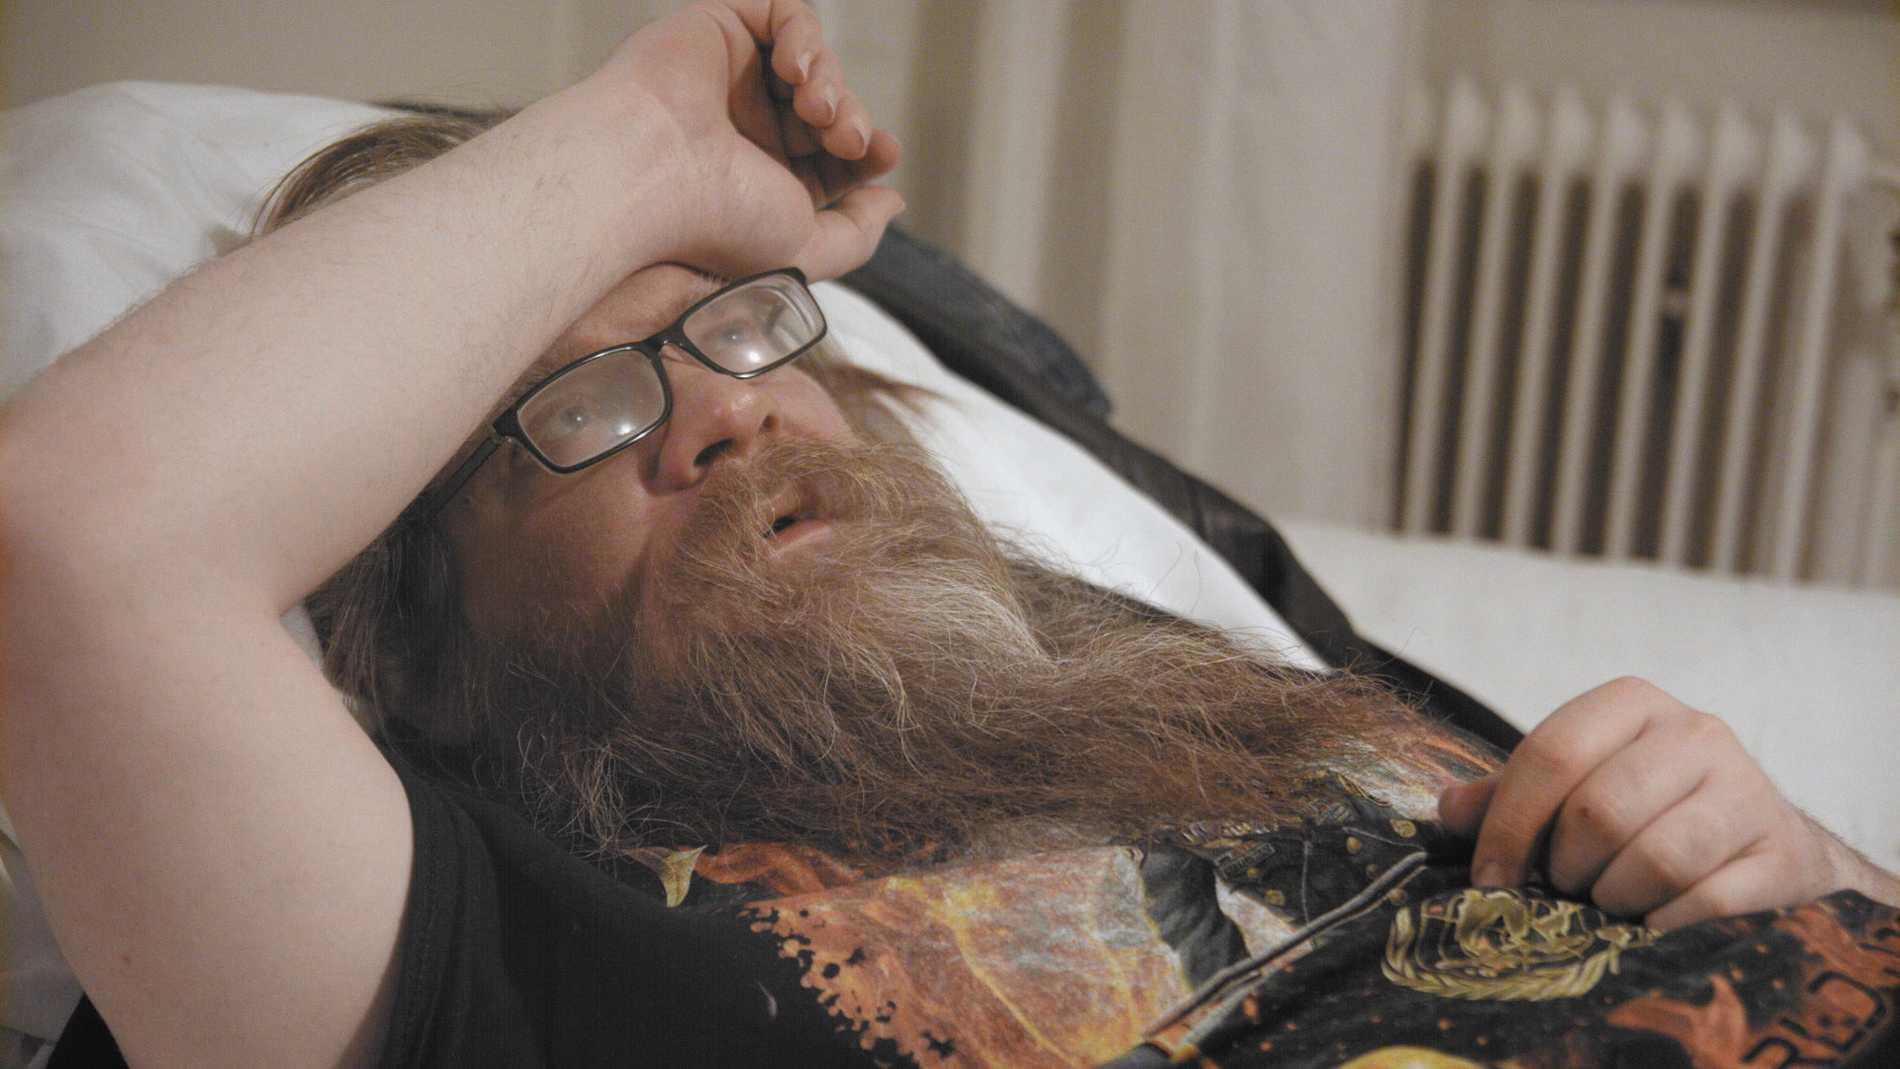 """Nya dokumentären """"Jag är Klimpen, motherfucker!"""" följer Martin Iliou, känd för sin roll som """"Klimpen"""" i tv-serien """"Bert"""" under tre år. Det är en tid kantad av missbruk, hemlöshet – och nyfunnen kärlek. Pressbild."""